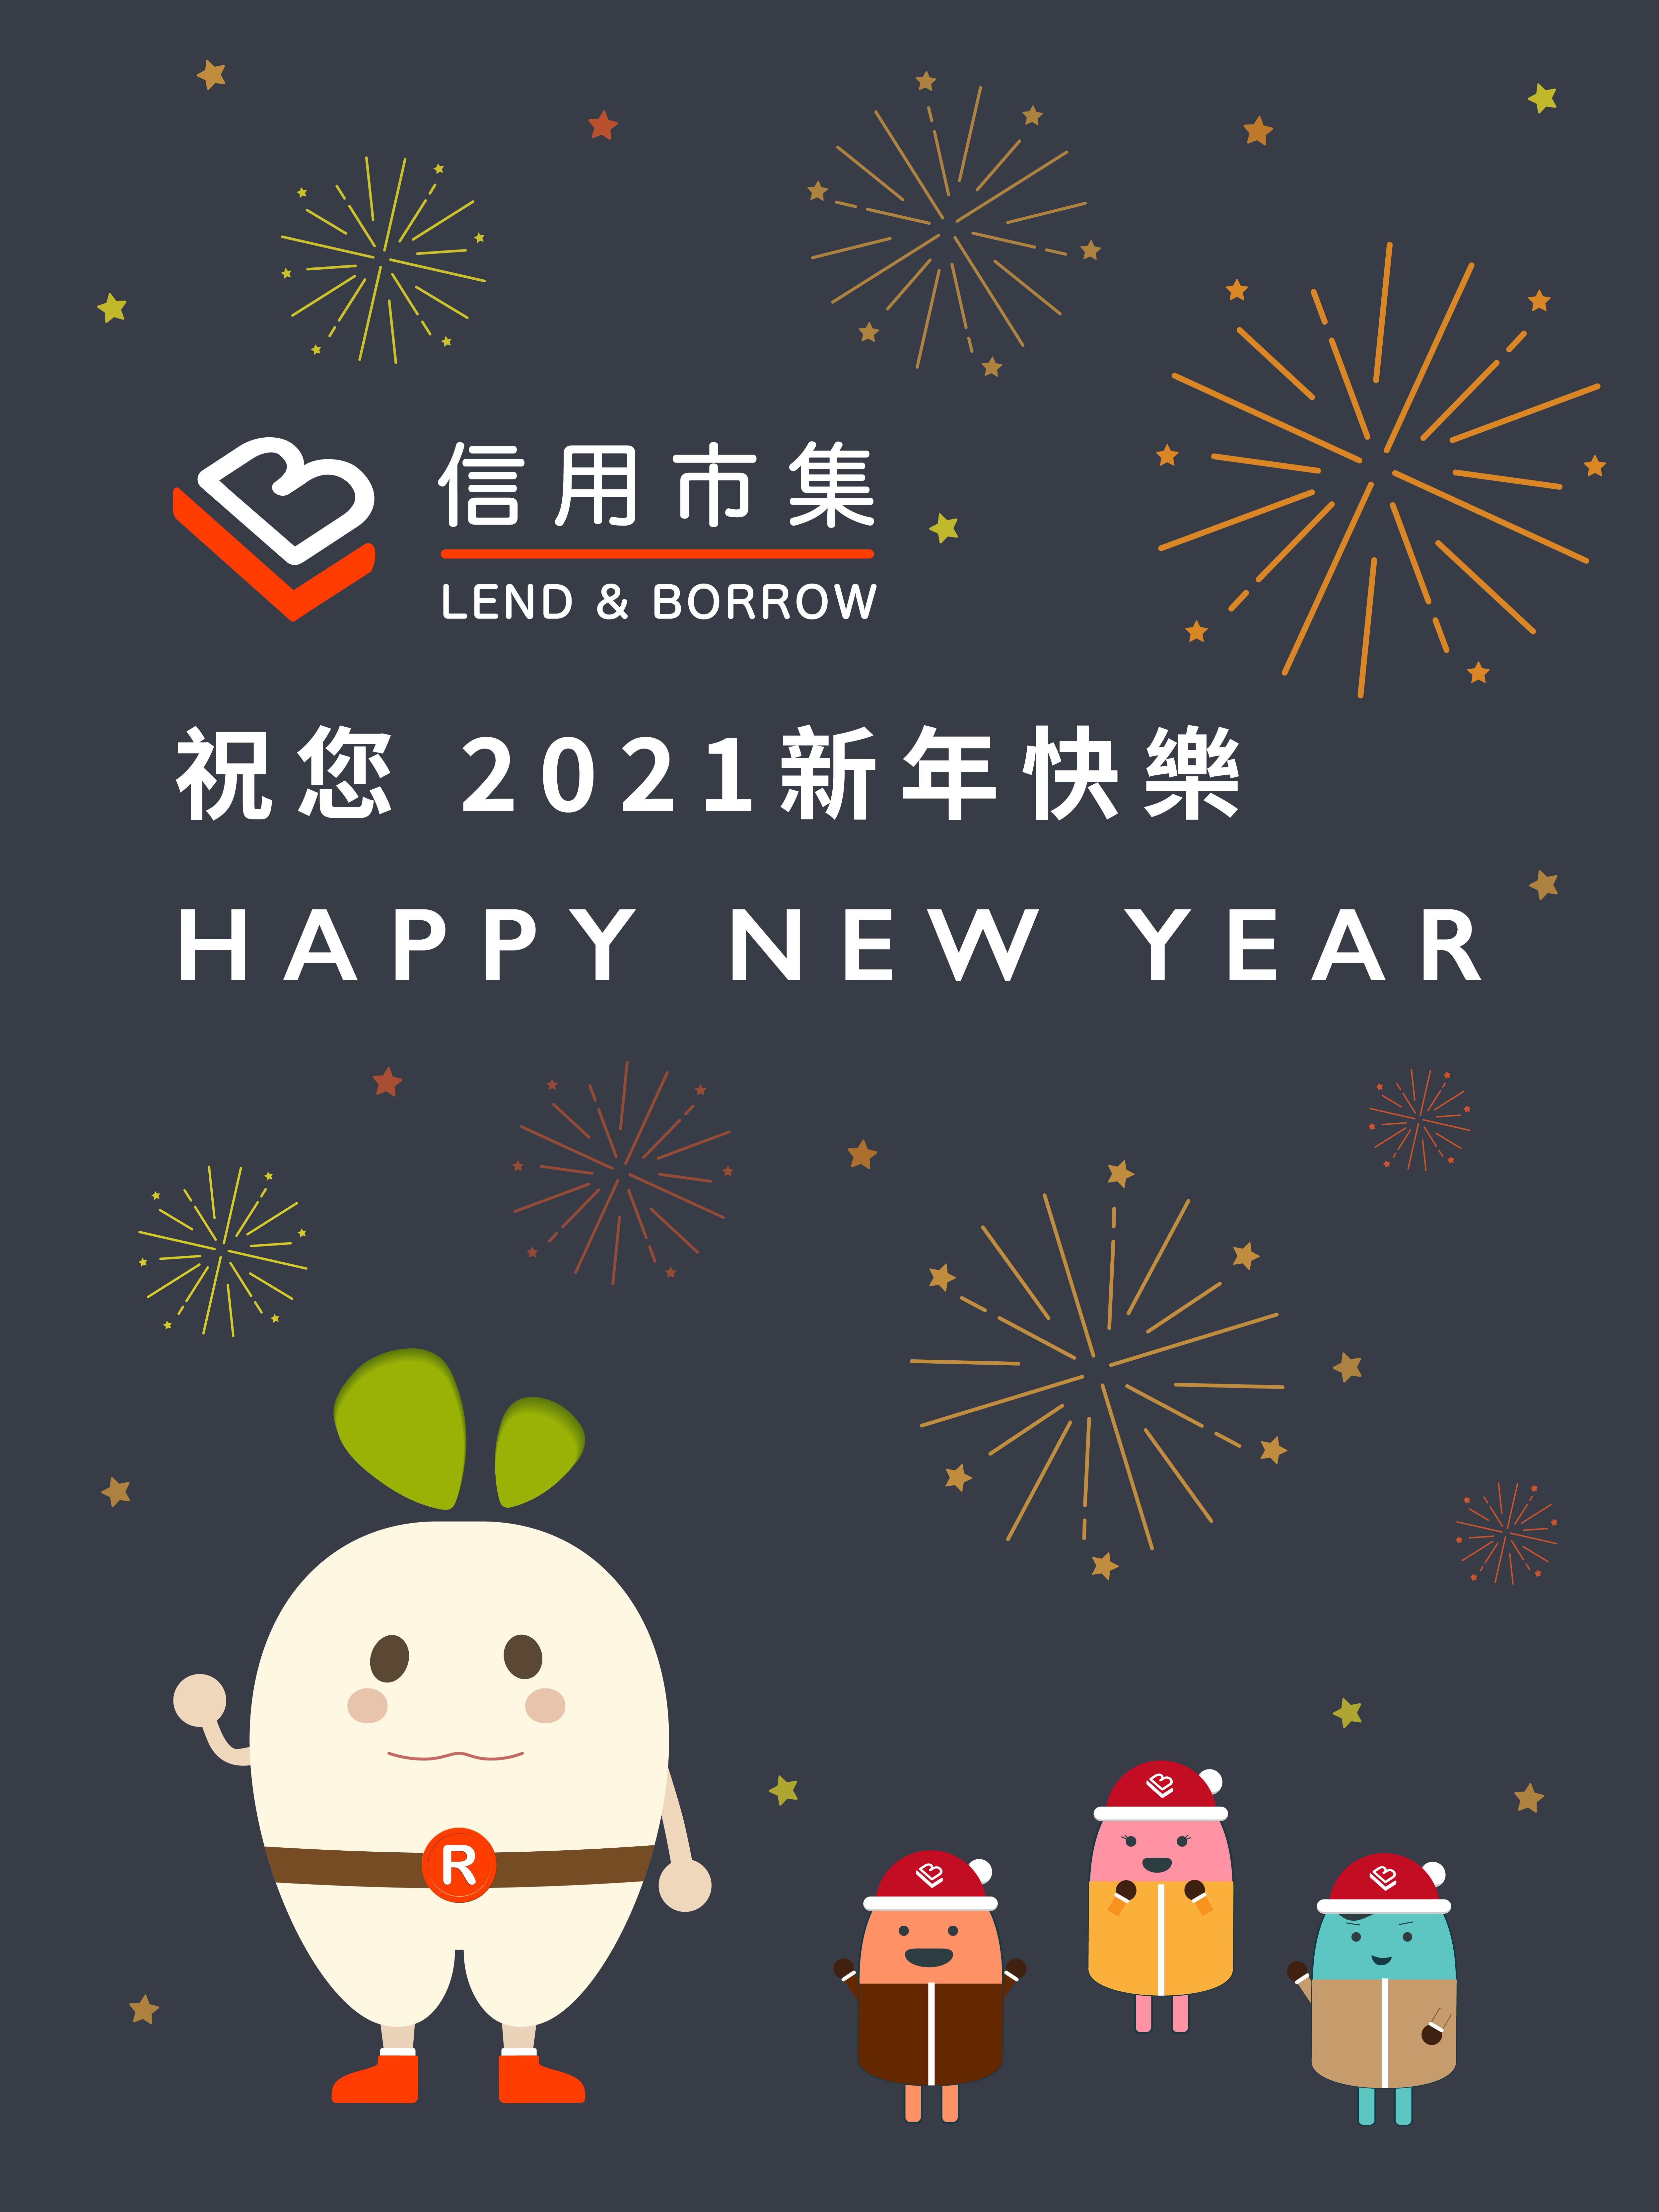 信用市集祝您新年快樂